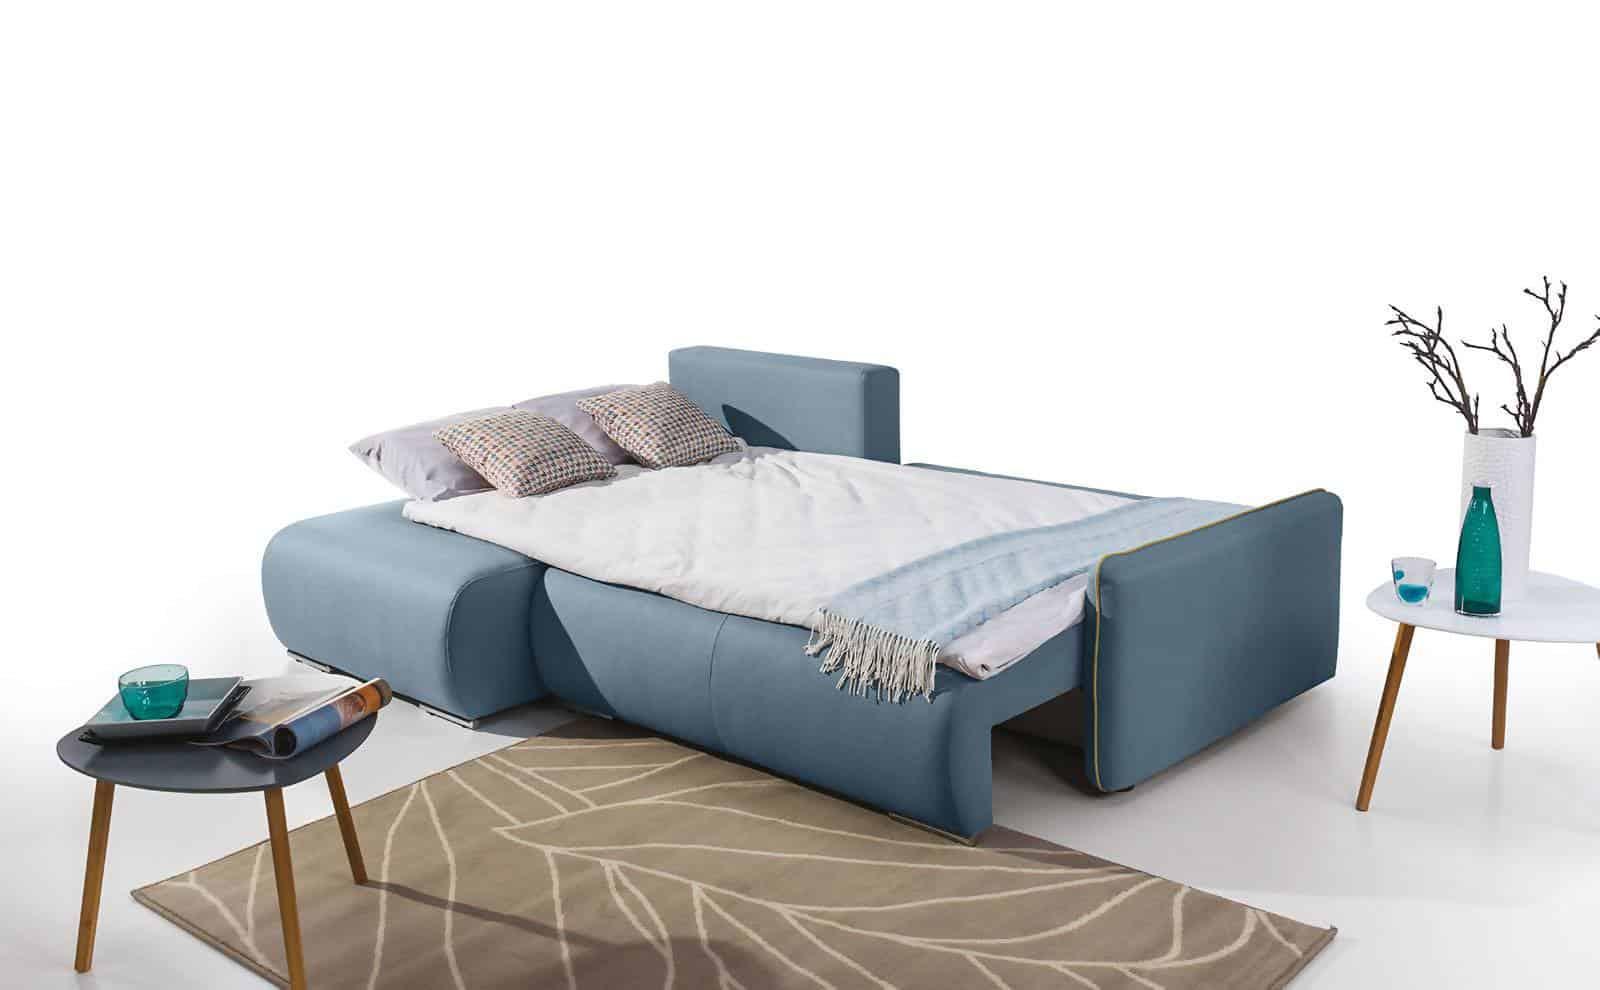 Perugia sovesofa med chaiselong omdannet til seng